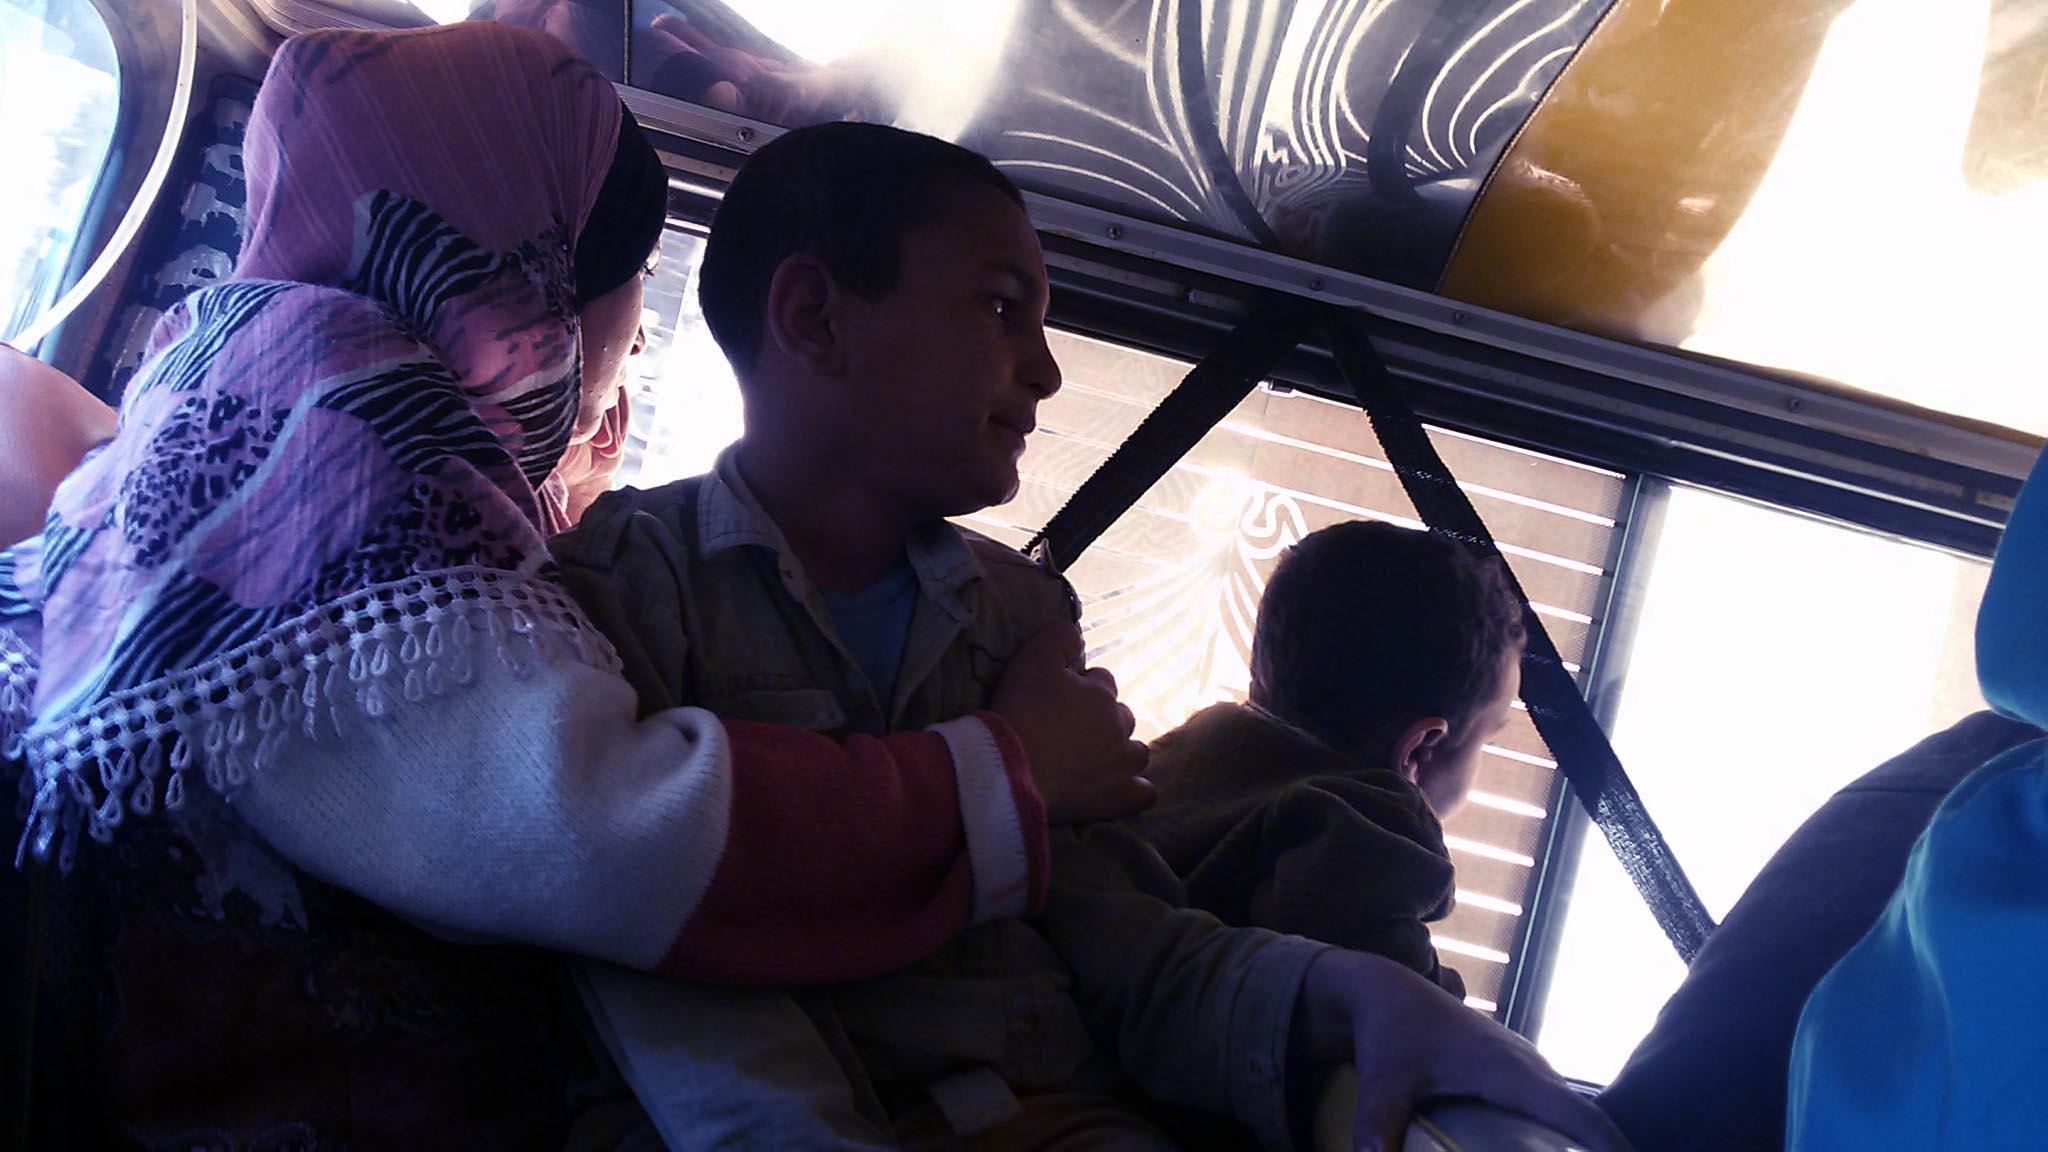 سيدة لا تقدر على بطش سائقى الميكروباص فوضعت ابناءها على قدميها